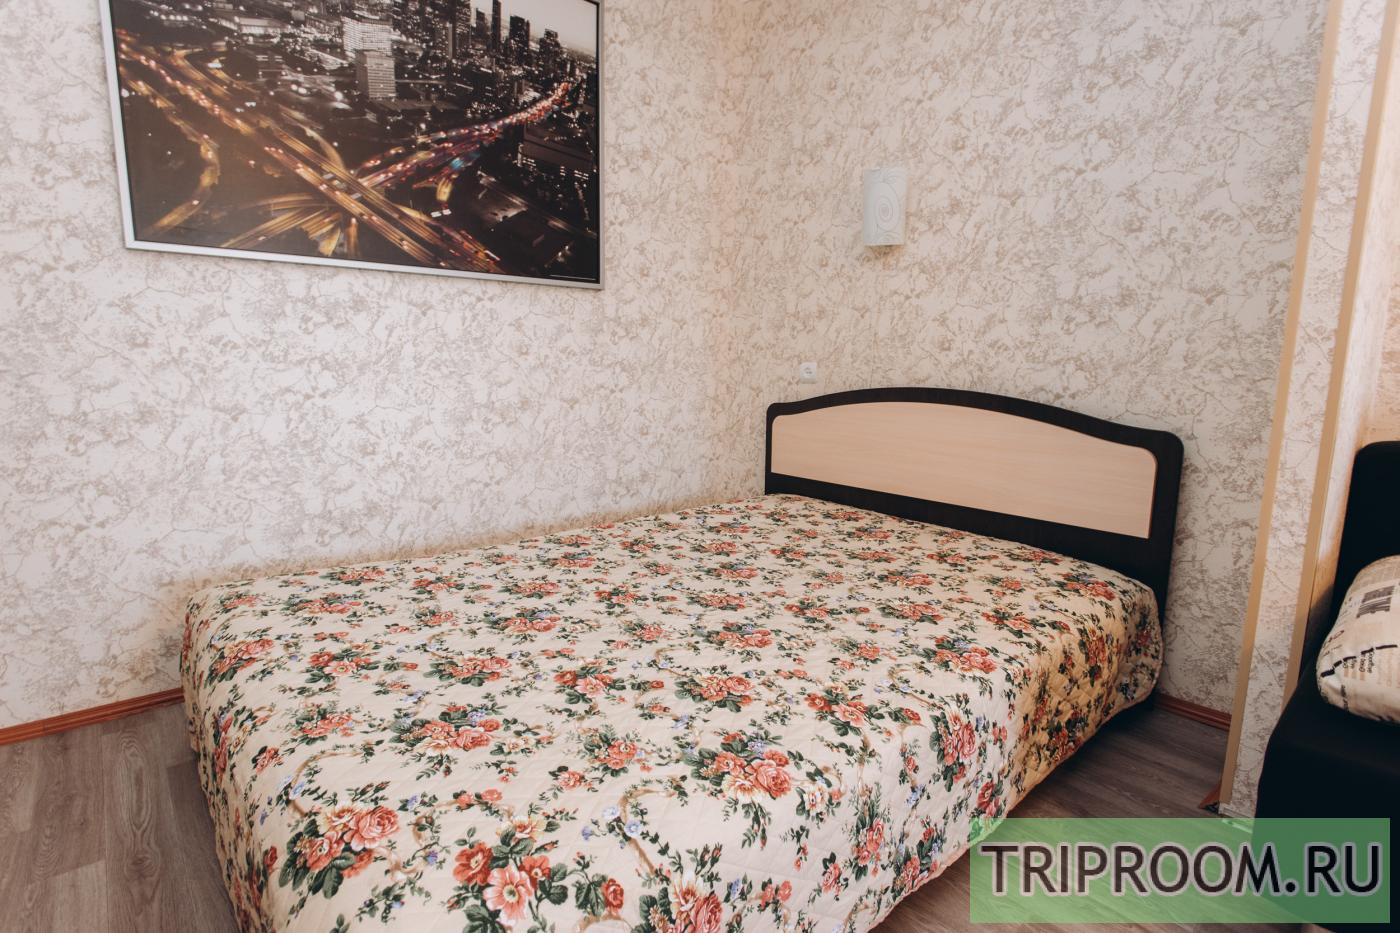 1-комнатная квартира посуточно (вариант № 14750), ул. Белореченская улица, фото № 2